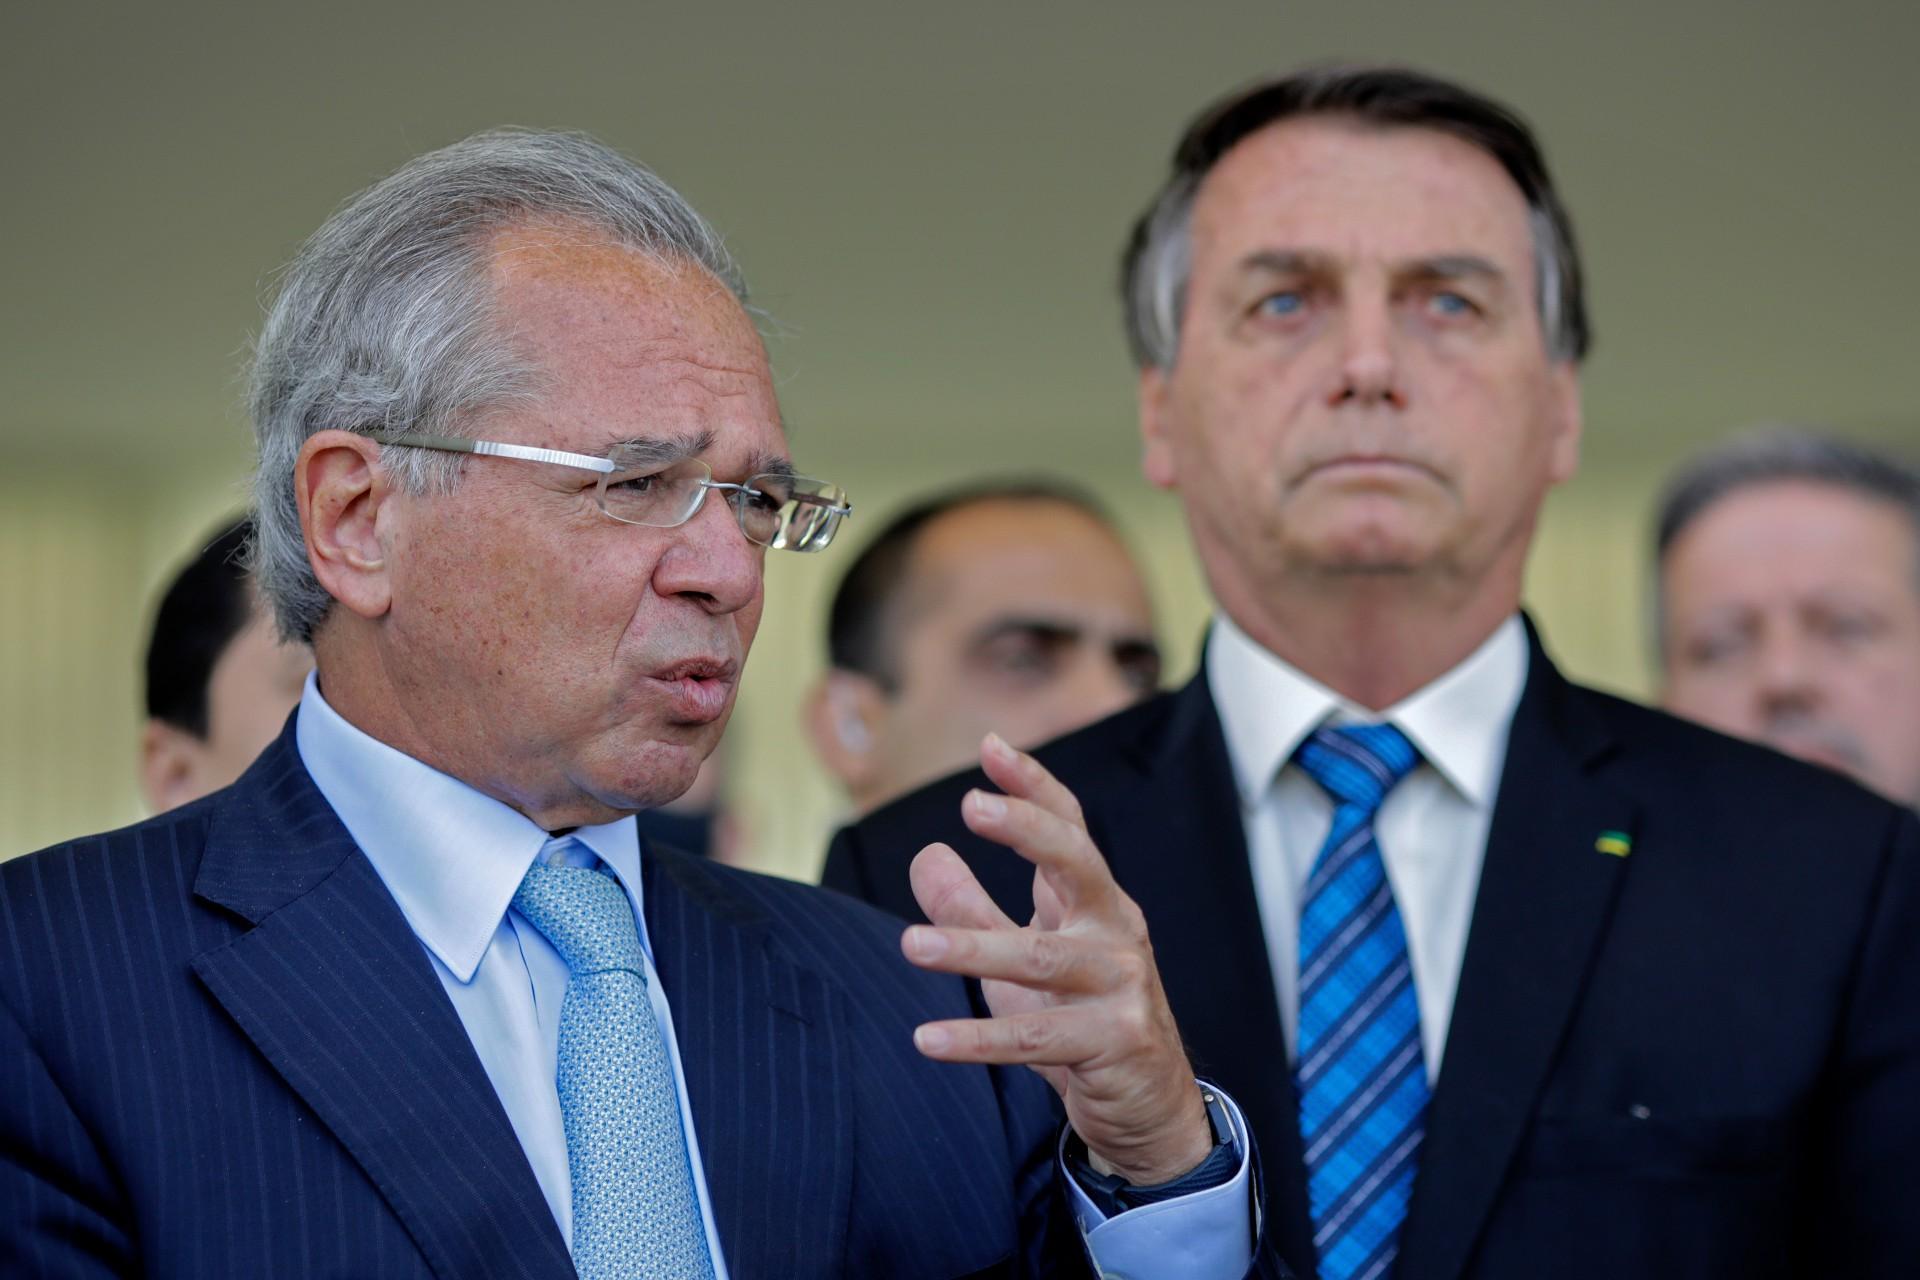 Paulo Guedes é ministro da Economia do governo Bolsonaro (Foto: Sergio Lima / AFP)